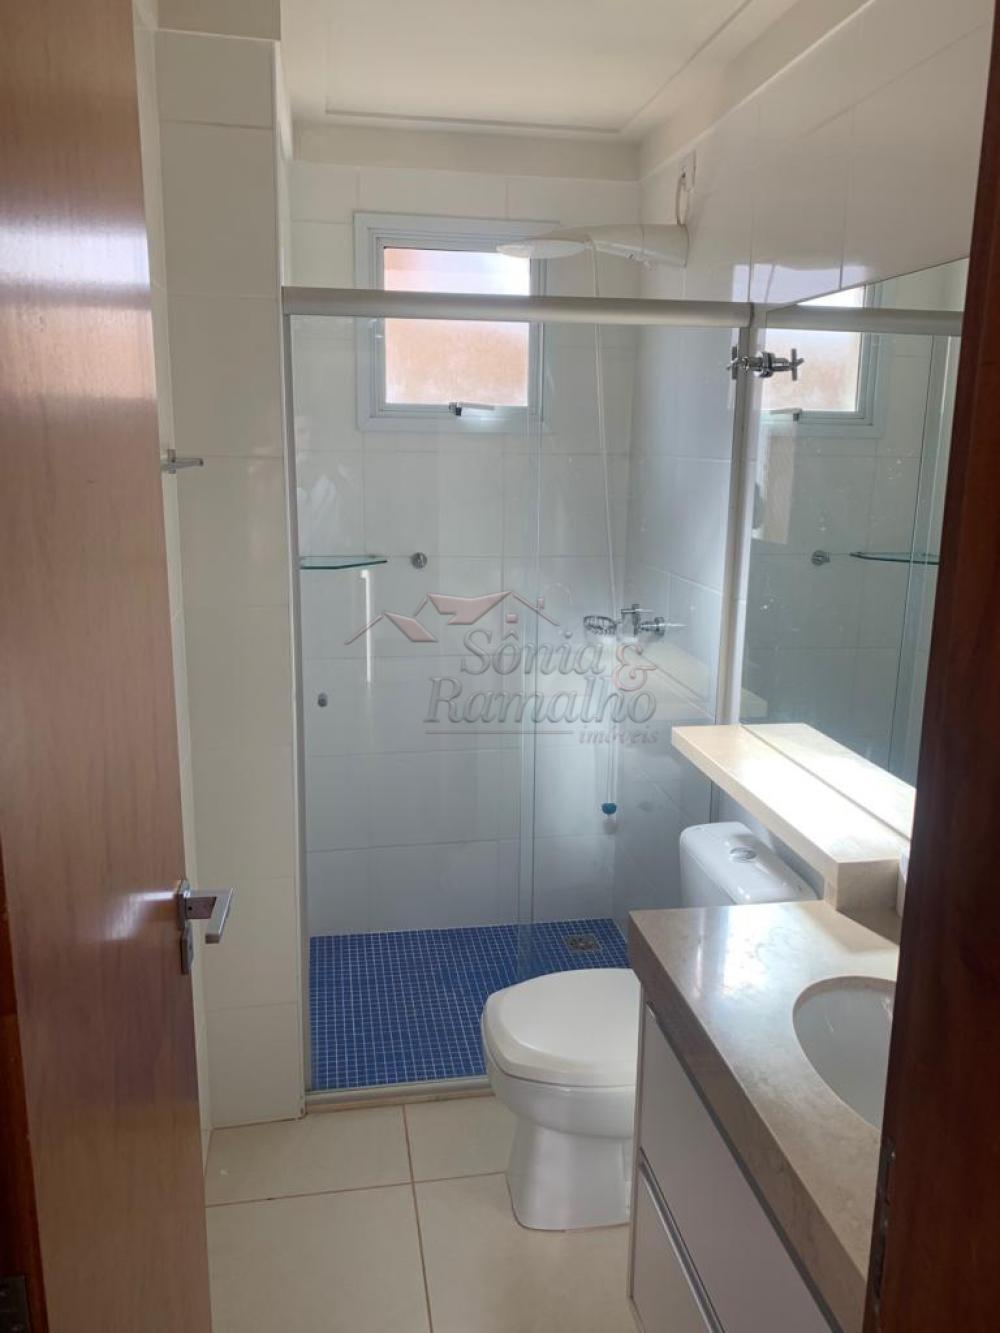 Comprar Apartamentos / Padrão em Ribeirão Preto apenas R$ 490.000,00 - Foto 12